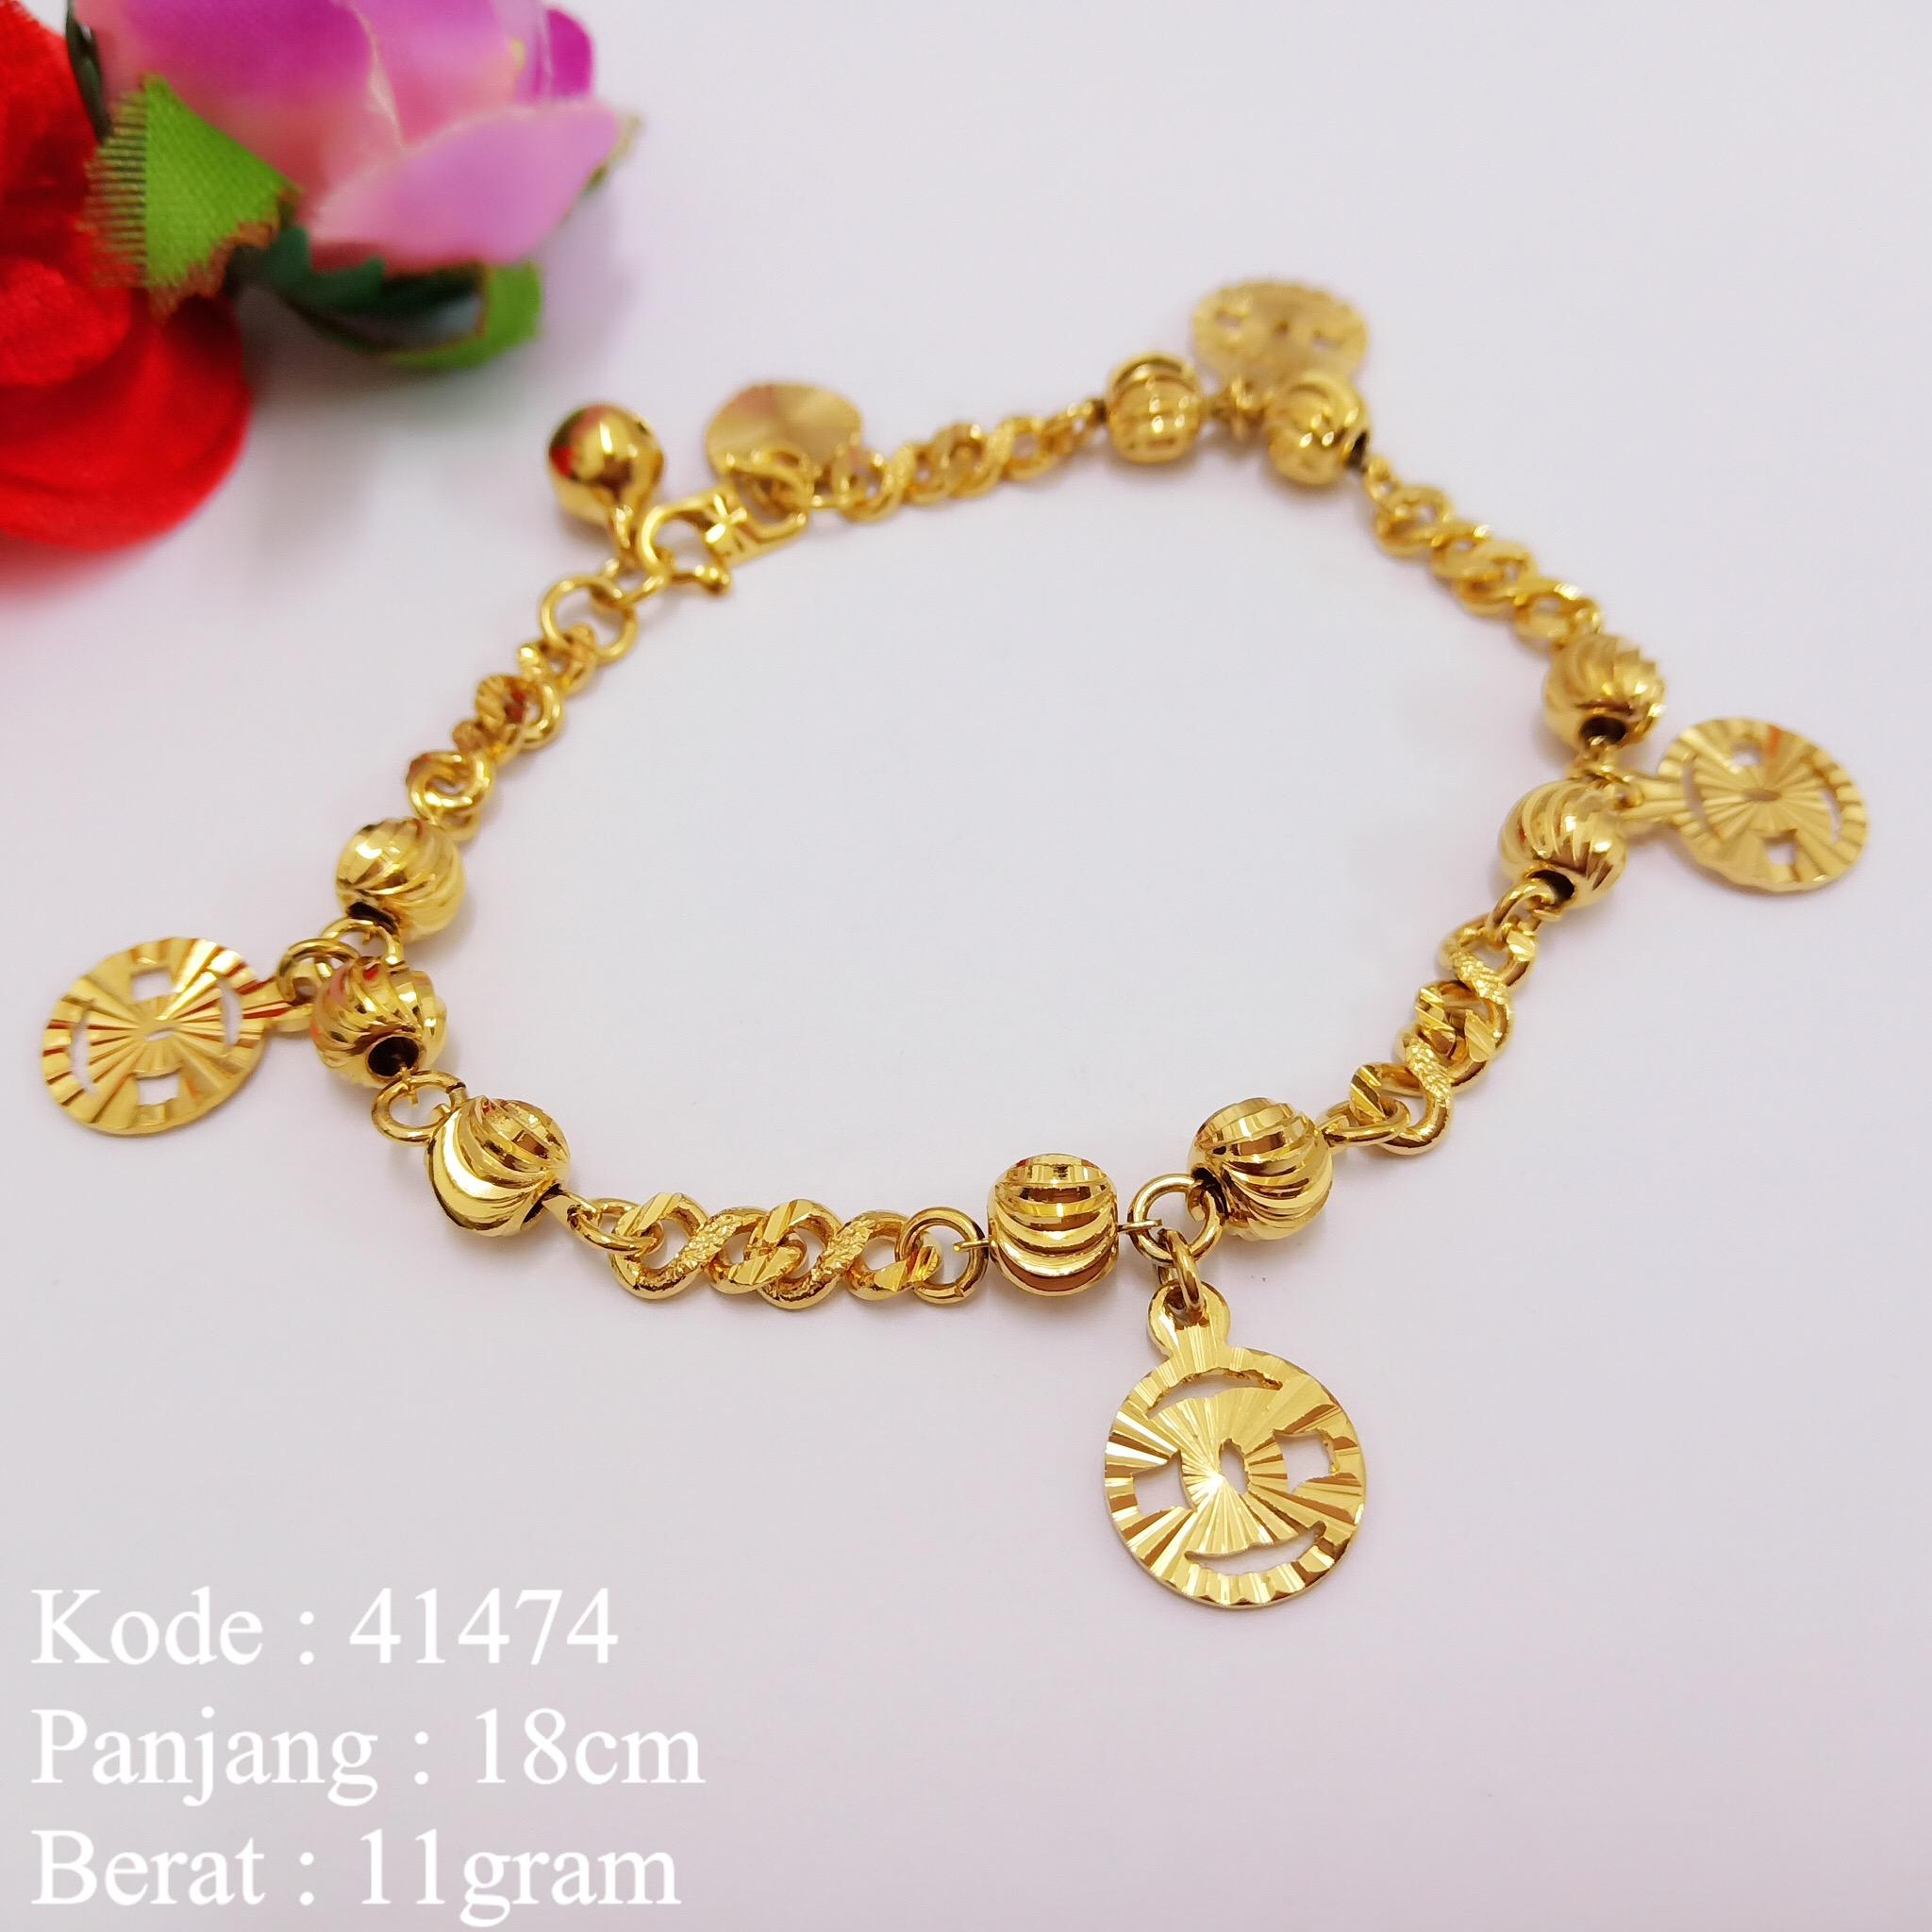 Gelang Tangan Rantai Lapis Emas Missi Fashion Jewelry